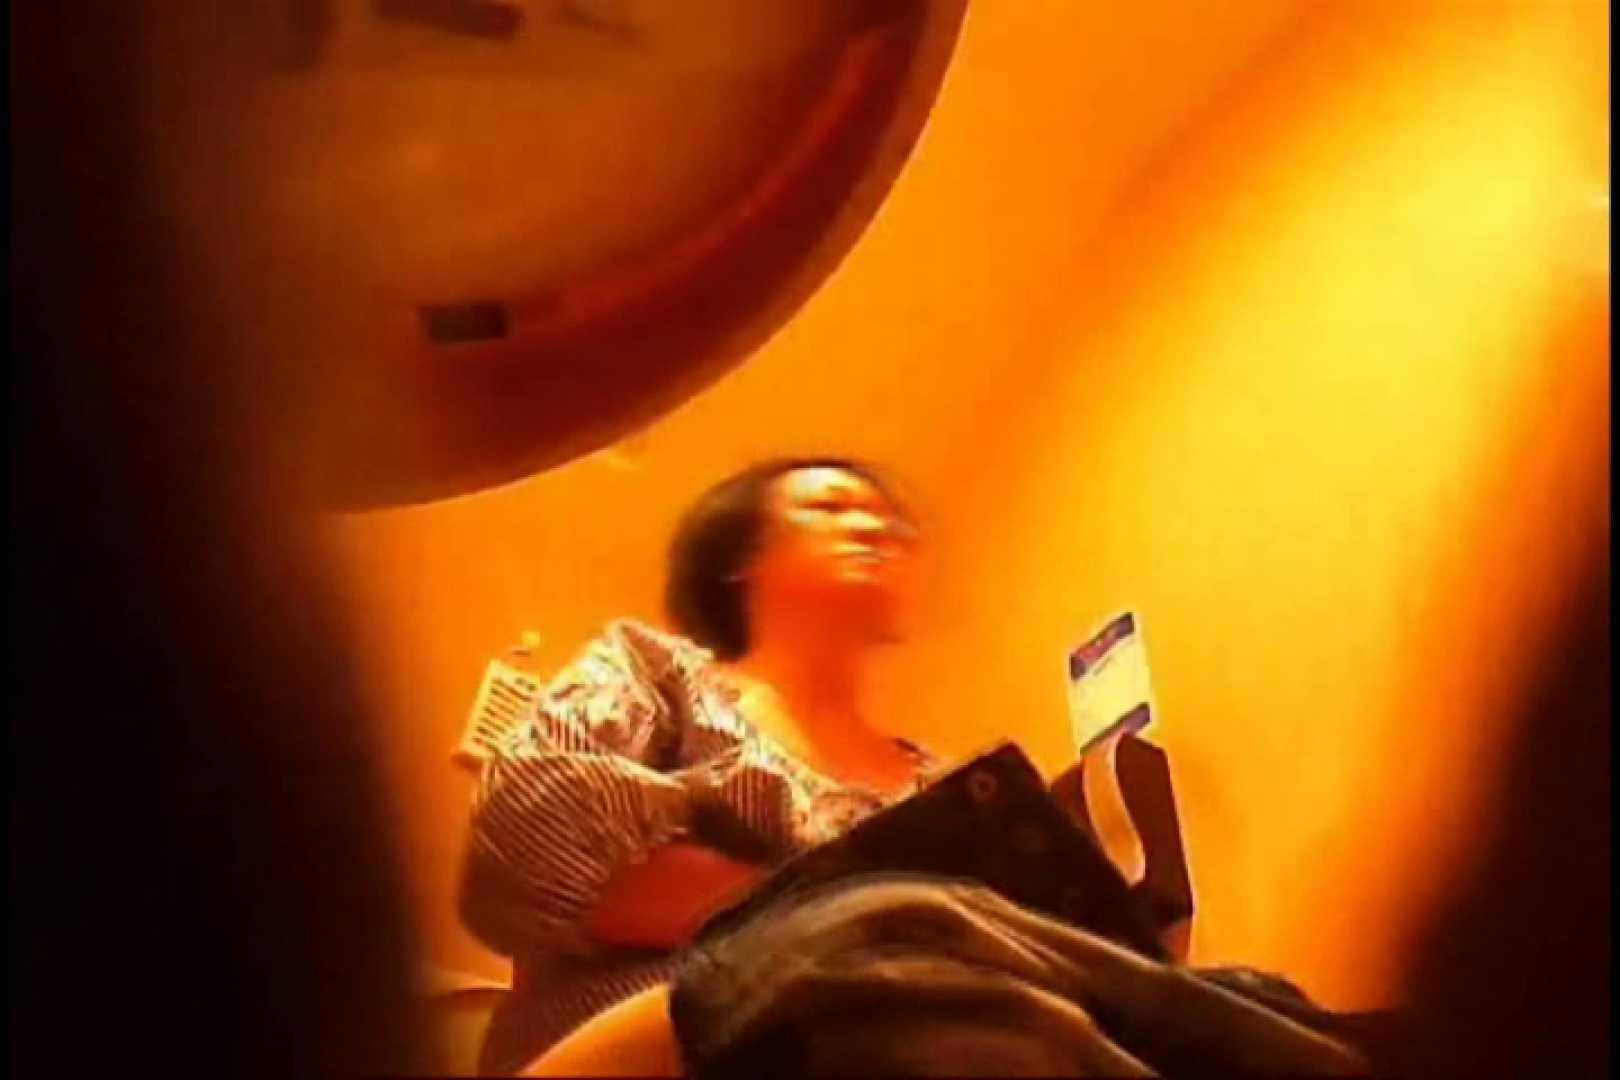 潜入!!女子化粧室盗撮~絶対見られたくない時間~vo,62 超エロお姉さん | パンスト  77枚 51